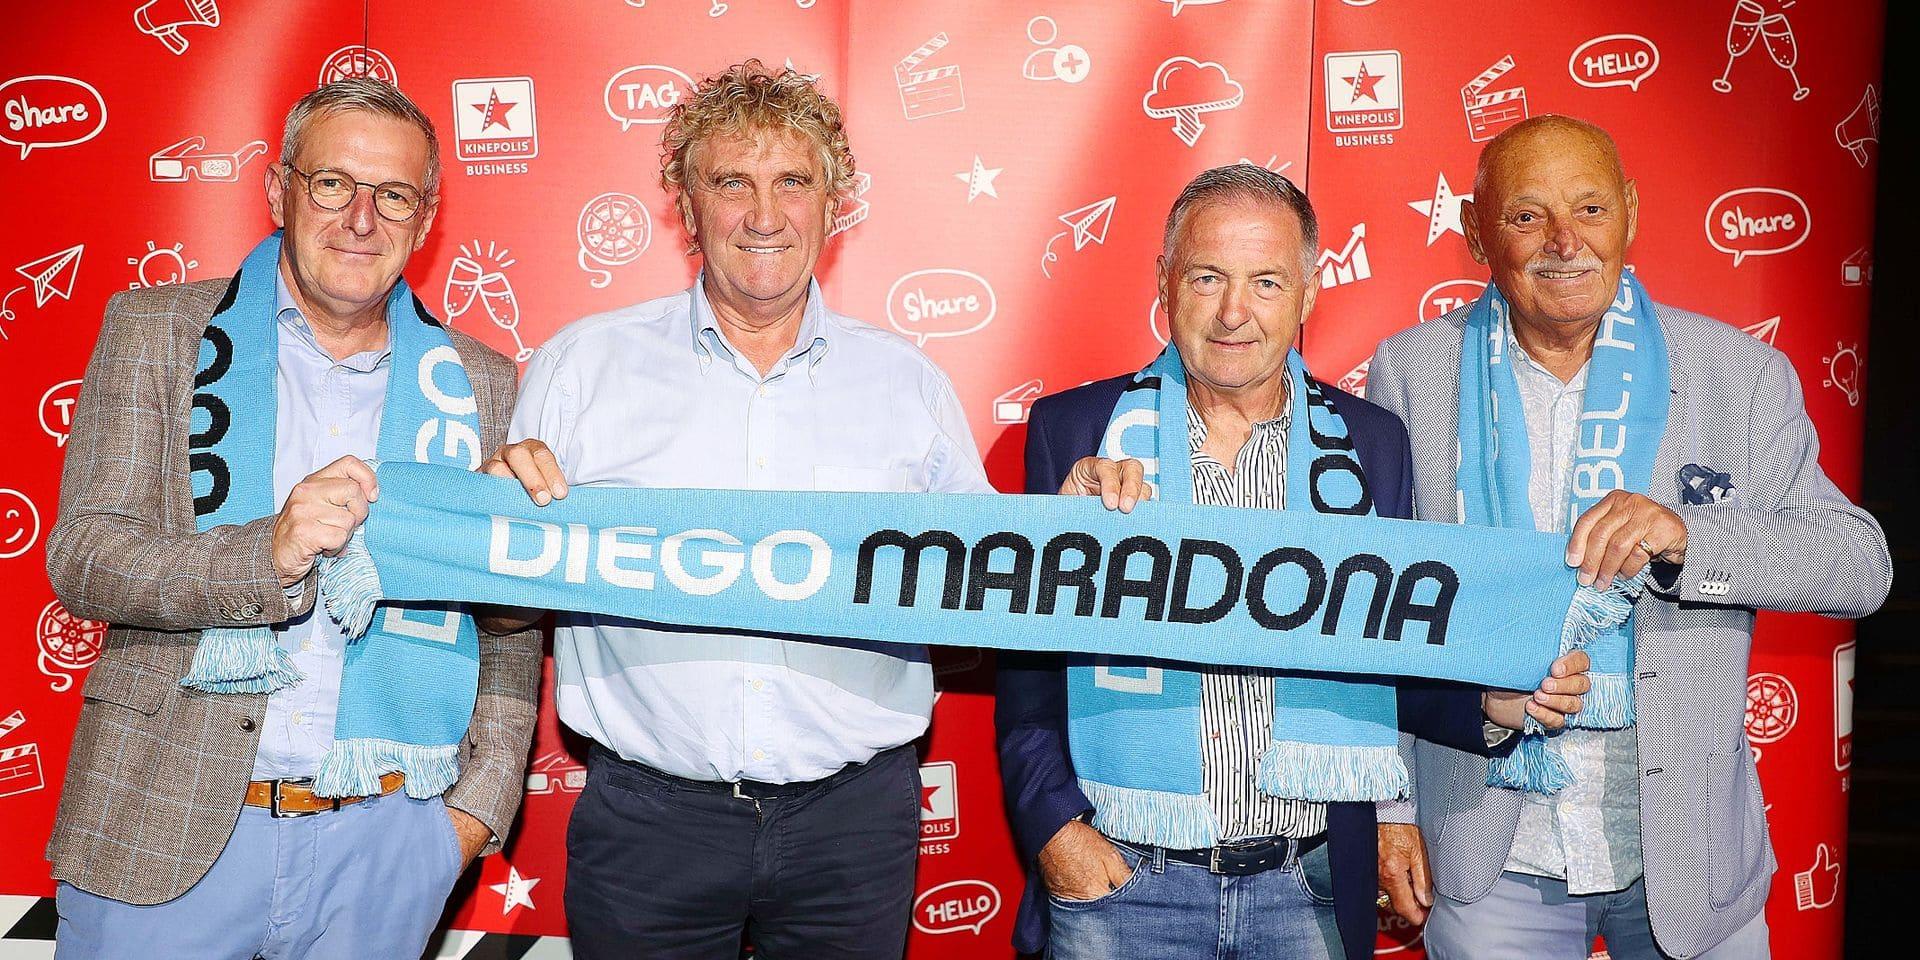 """Van Der Elst, Pfaff, Veyt et Frutos reviennent sur leurs souvenirs de Maradona: """"Mon moment de gloire: quand j'ai fait pipi avec lui"""""""